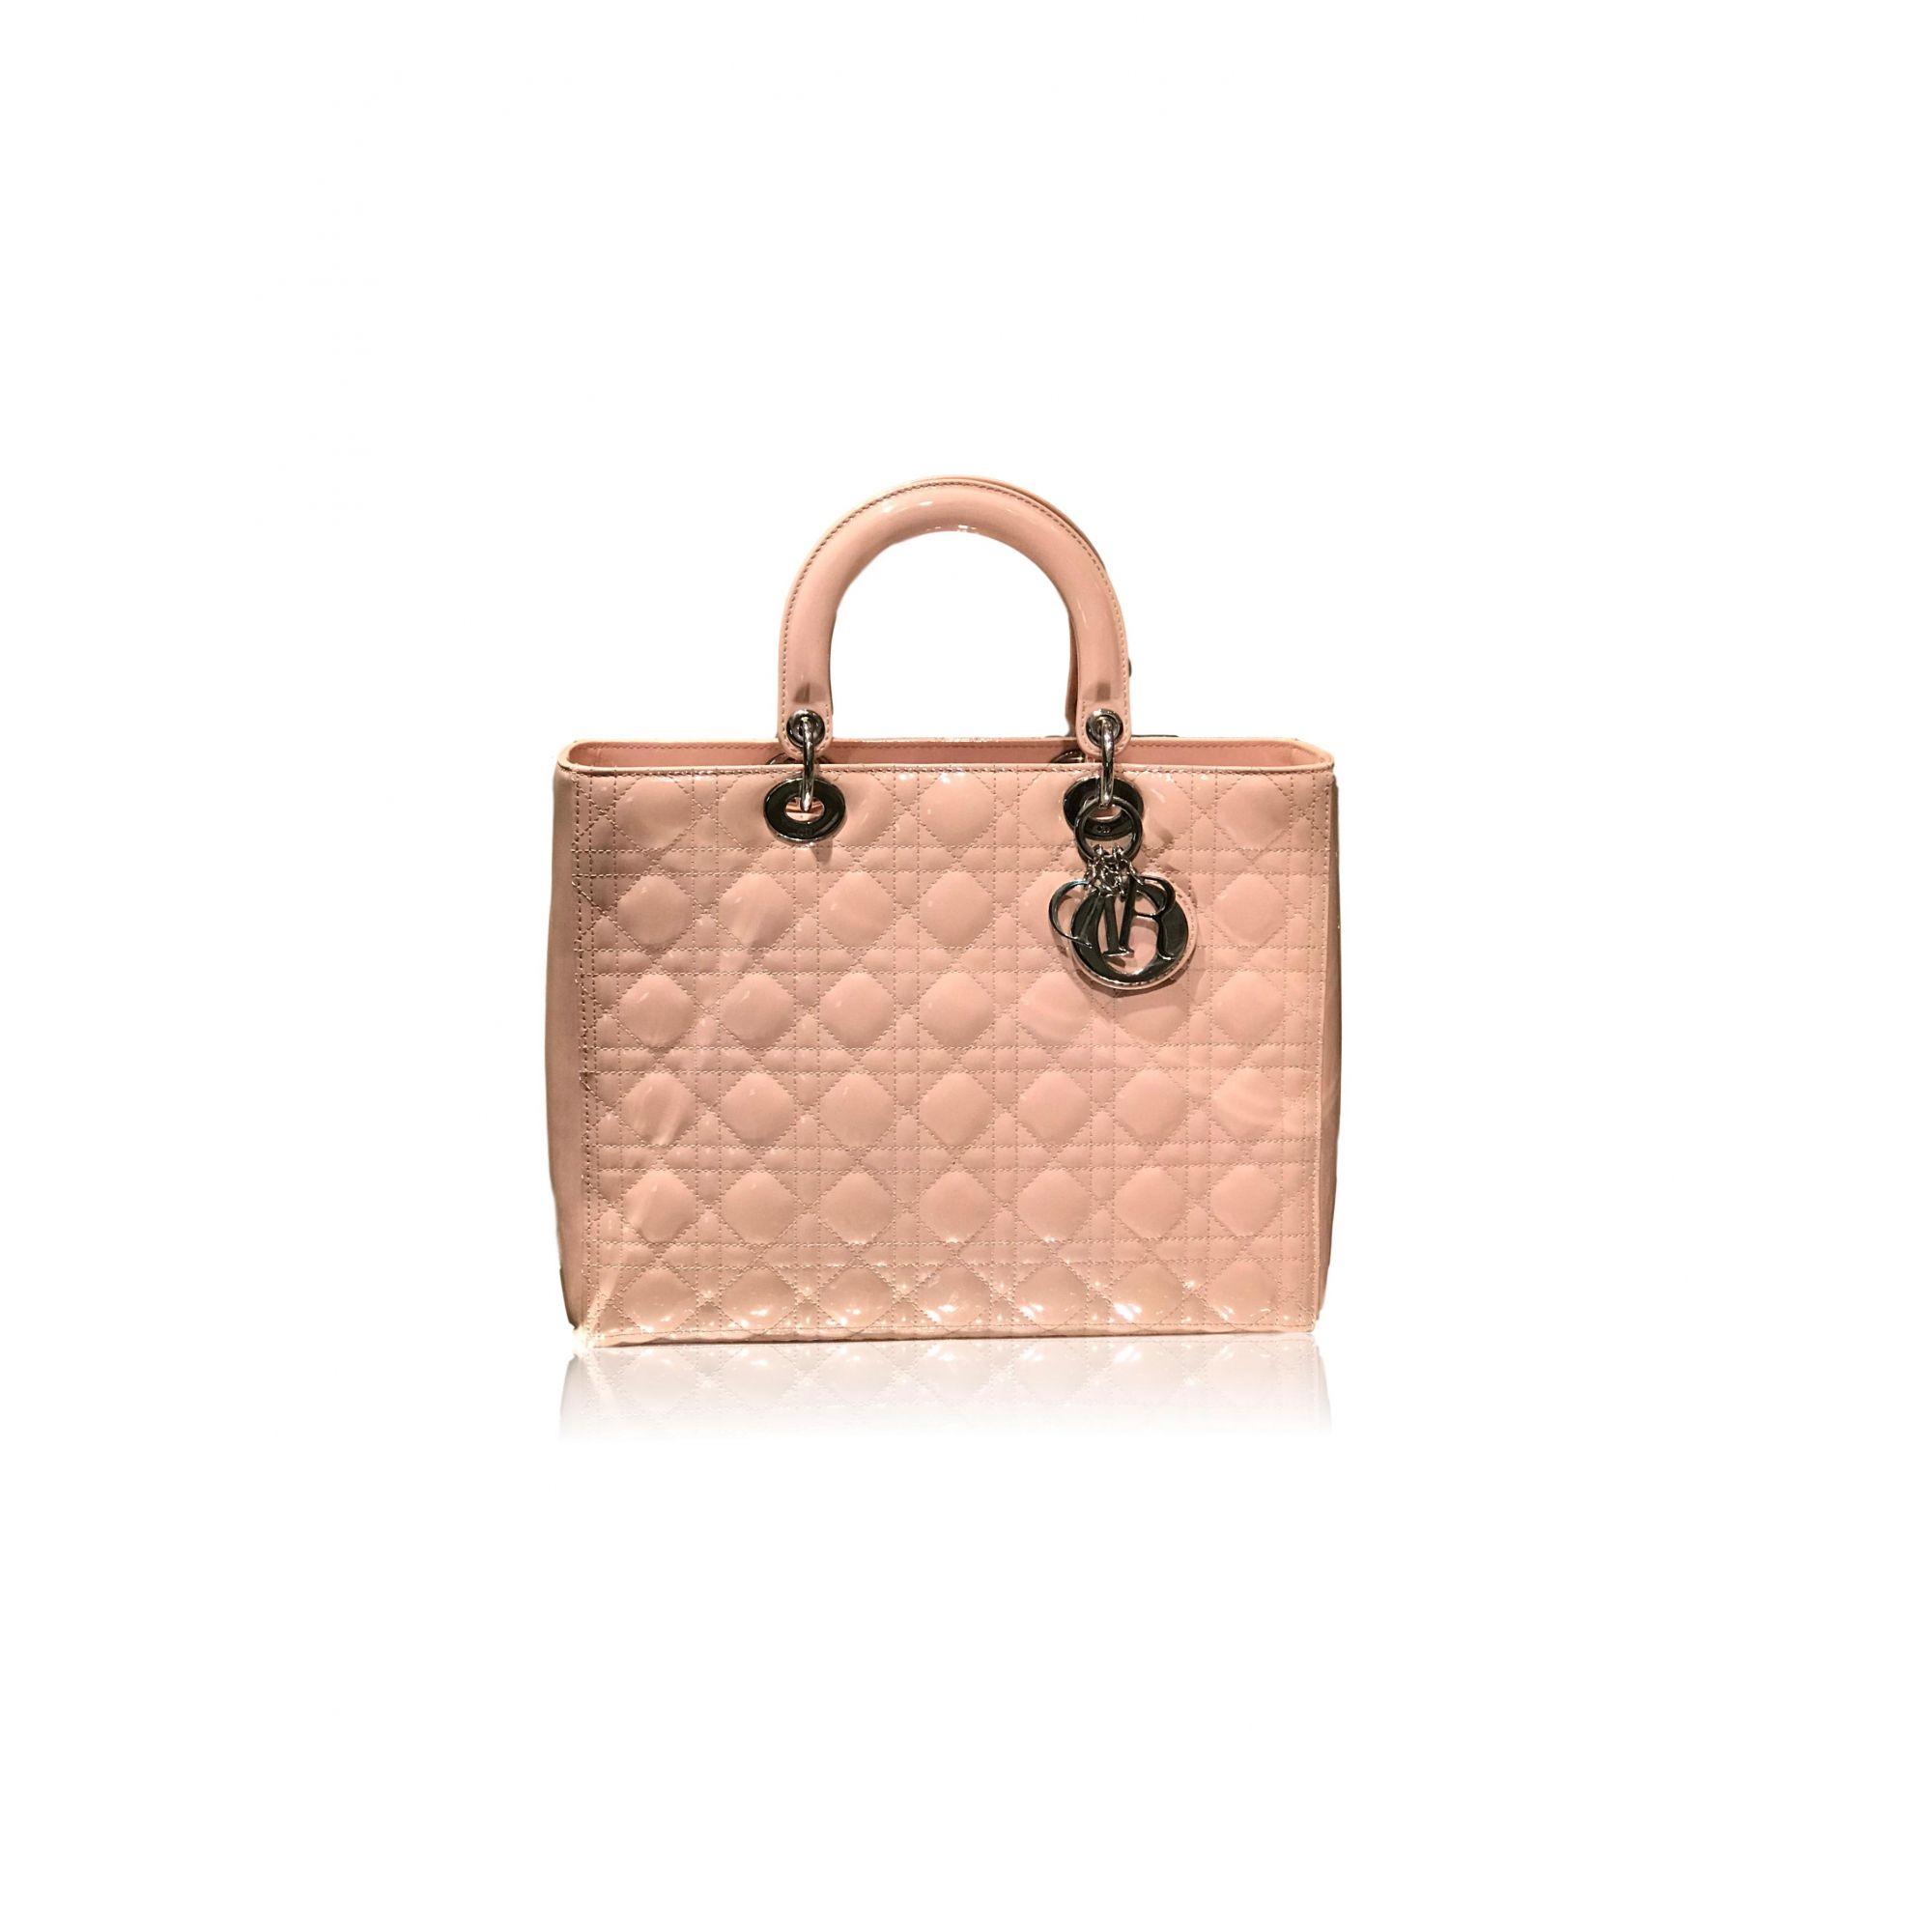 Bolsa Lady Dior Rosa Claro